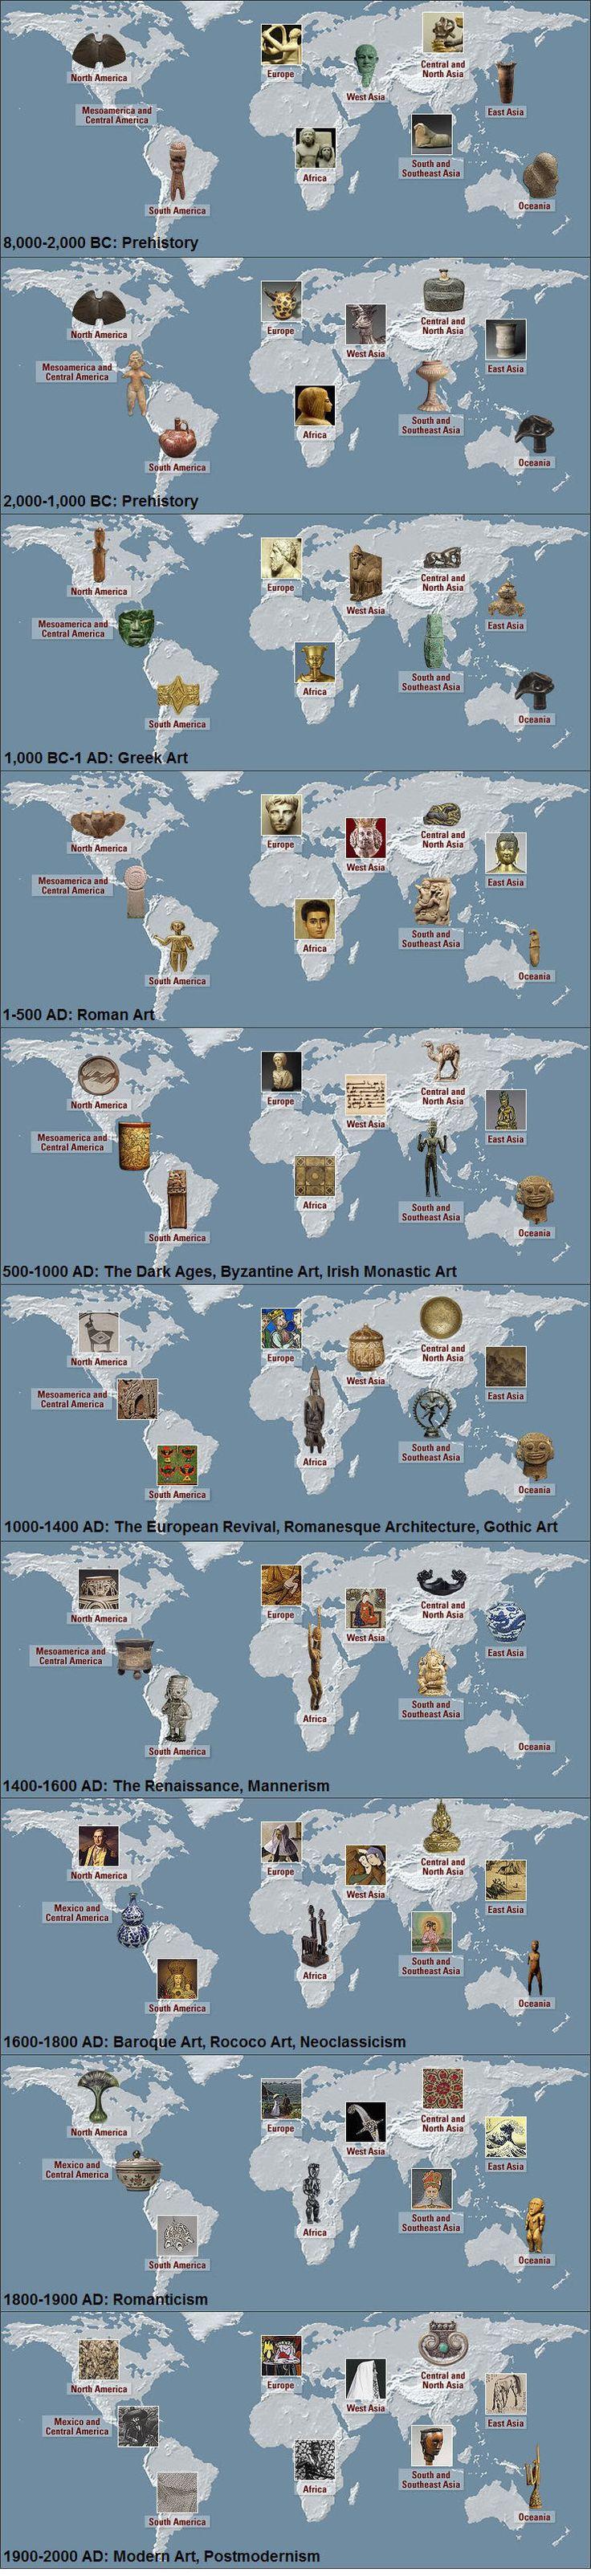 Jon Aquino's Mental Garden: Heilbrunn Timeline of Art History